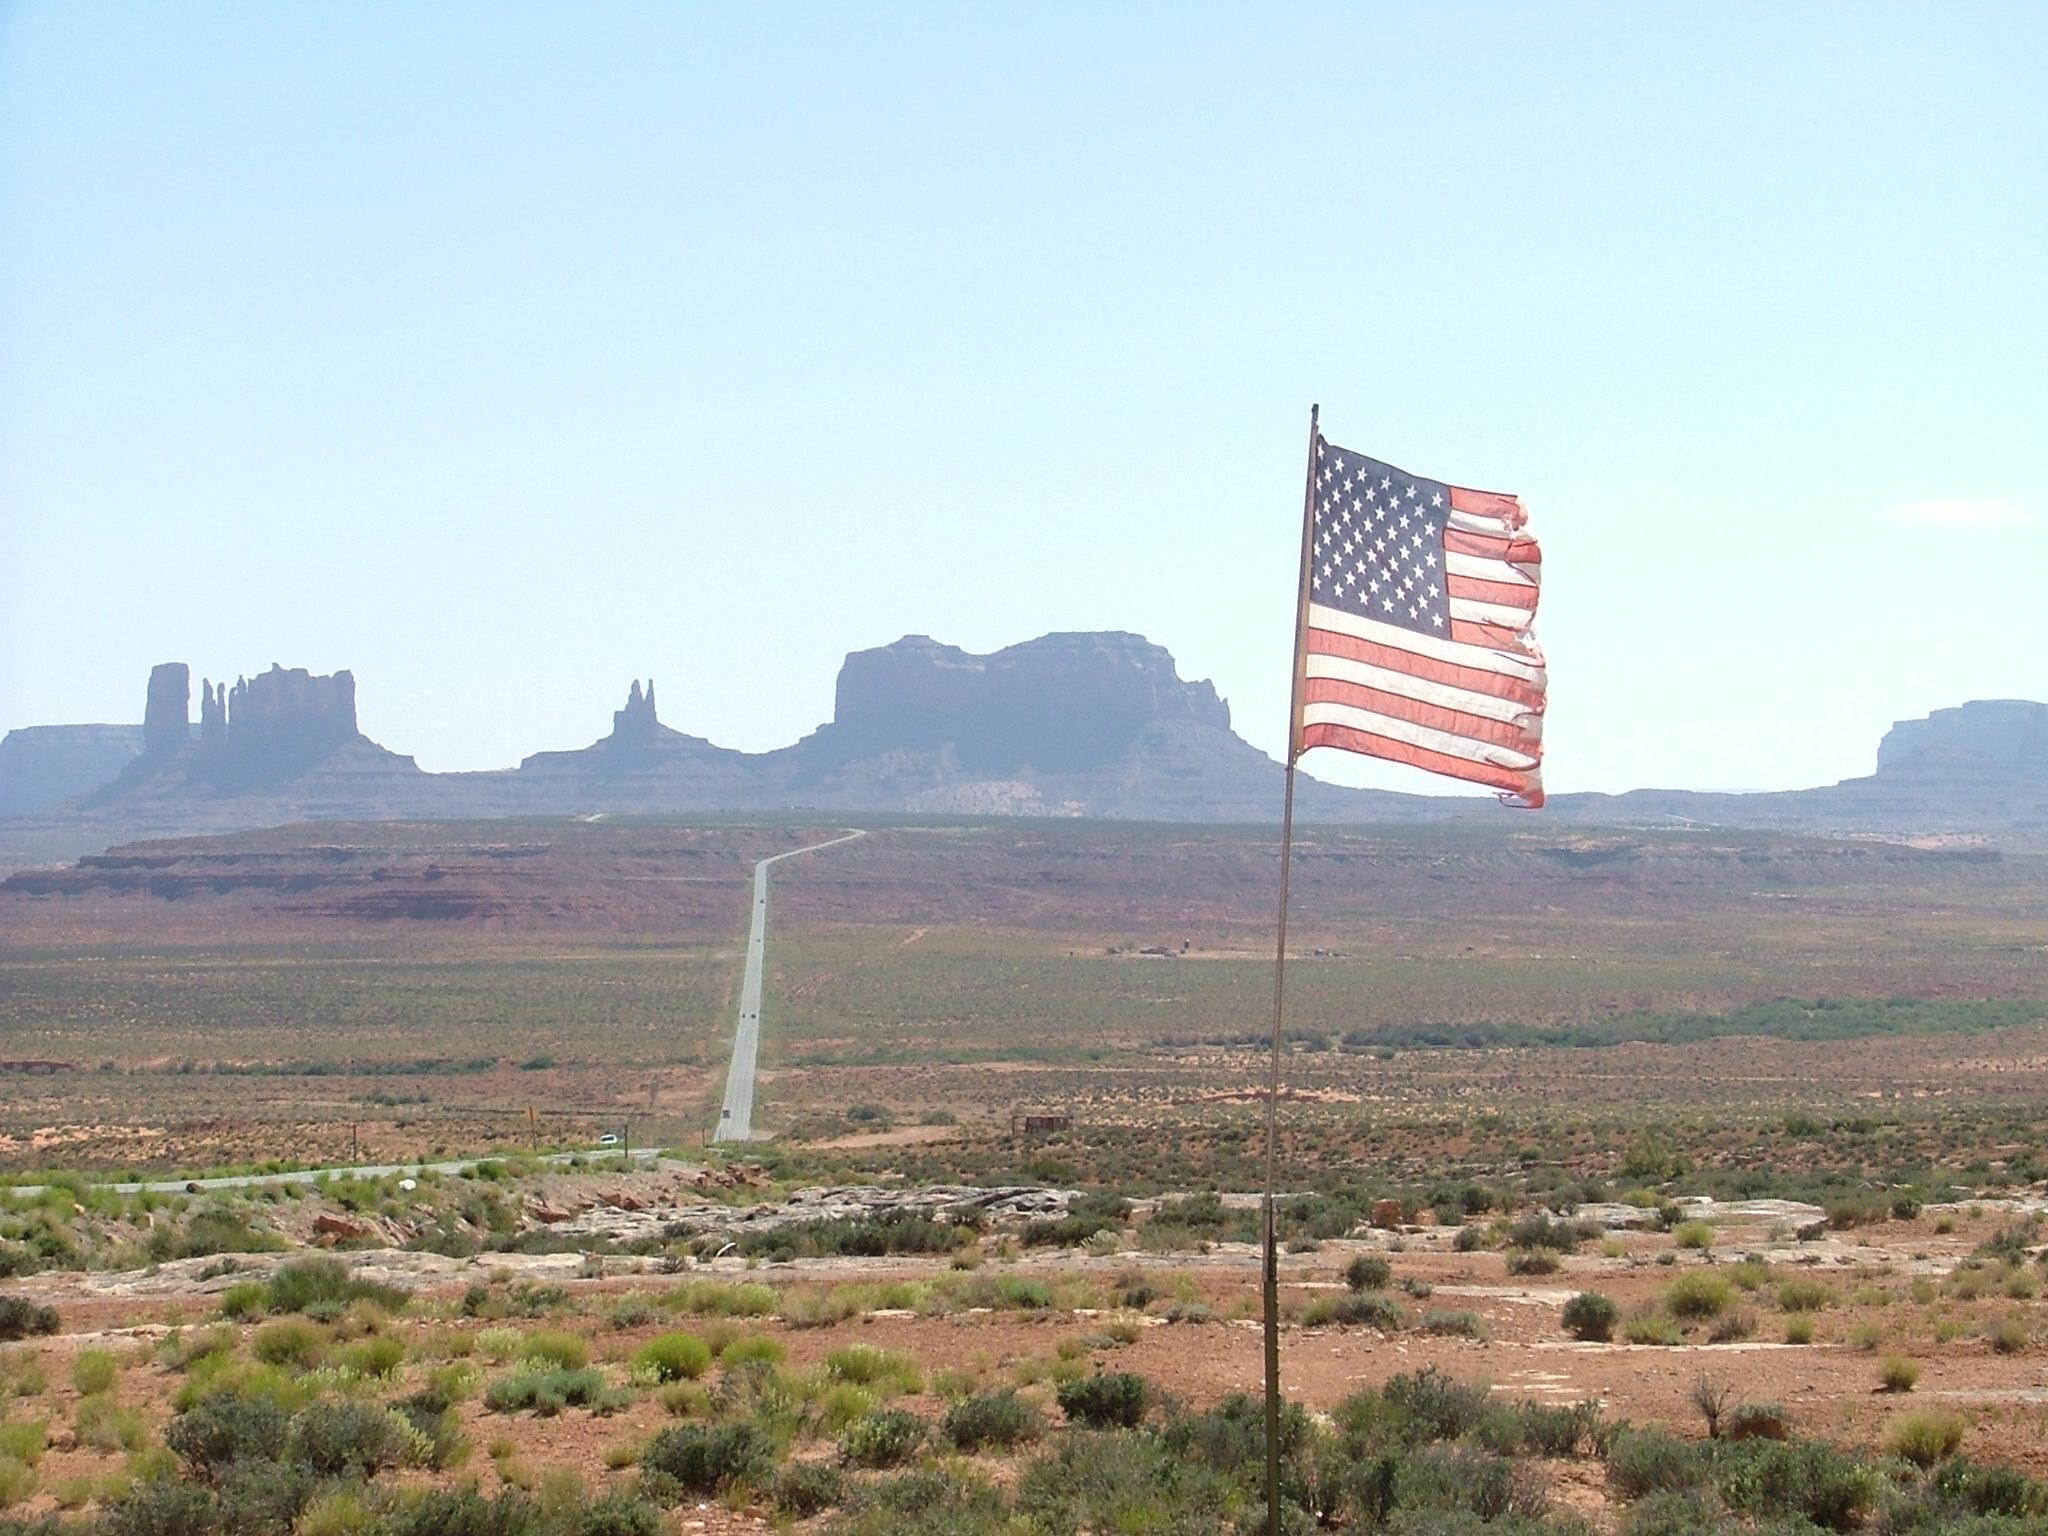 Over 20 lande og områder er lige nu på listen fra Udenrigsministeriet om rejsemål, der helt bør undgås, eller som der frarådes ikke-nødvendige rejser til. Senest er USA kommet på sidstnævnte liste. Foto fra Monument Valley i Arizona, Henrik Baumgarten.